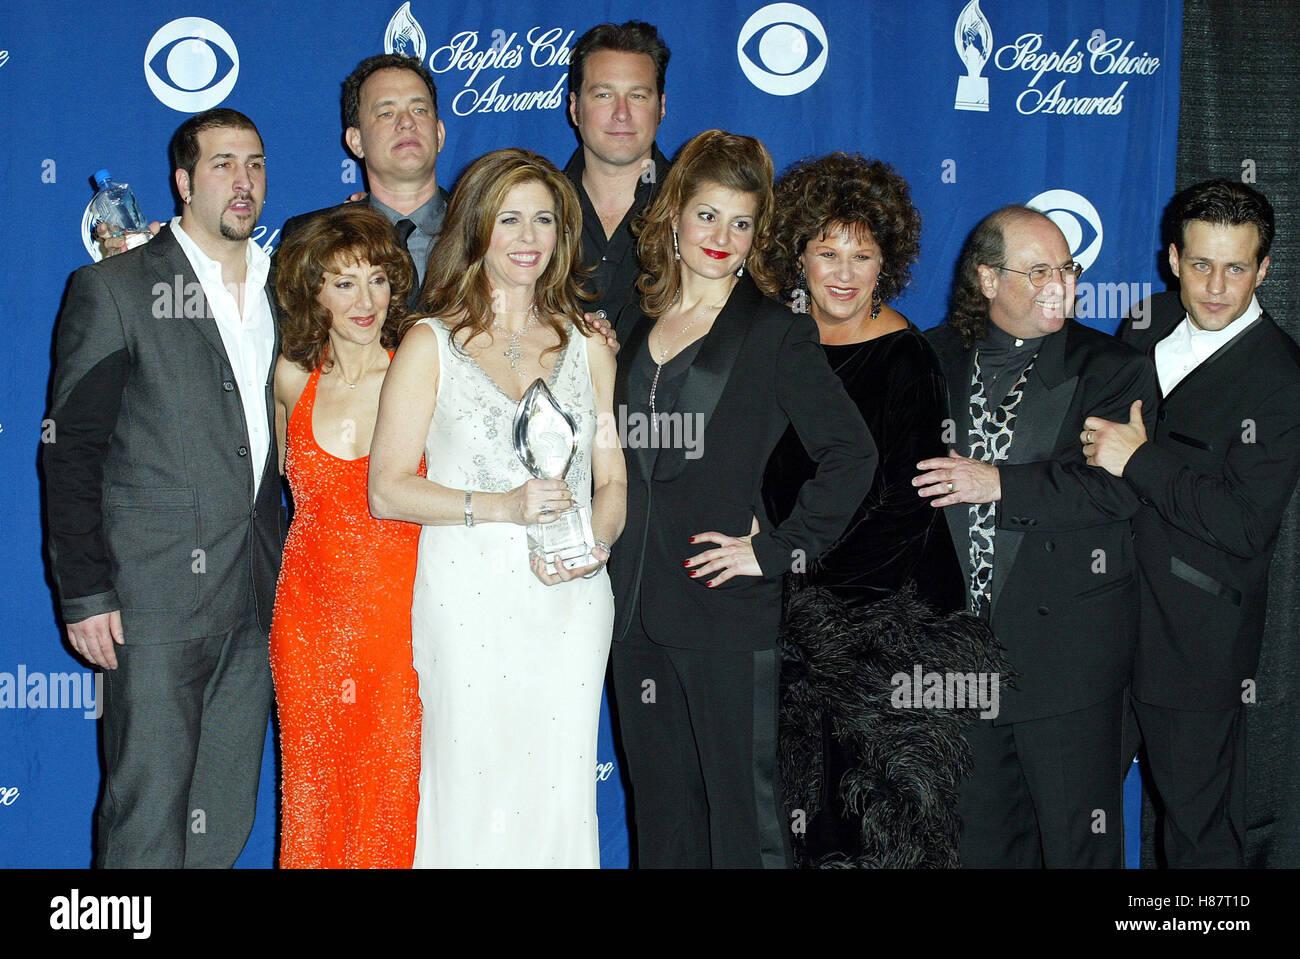 My Big Fat Greek Wedding Cast.My Big Fat Greek Wedding Cast 29th People S Choice Awards